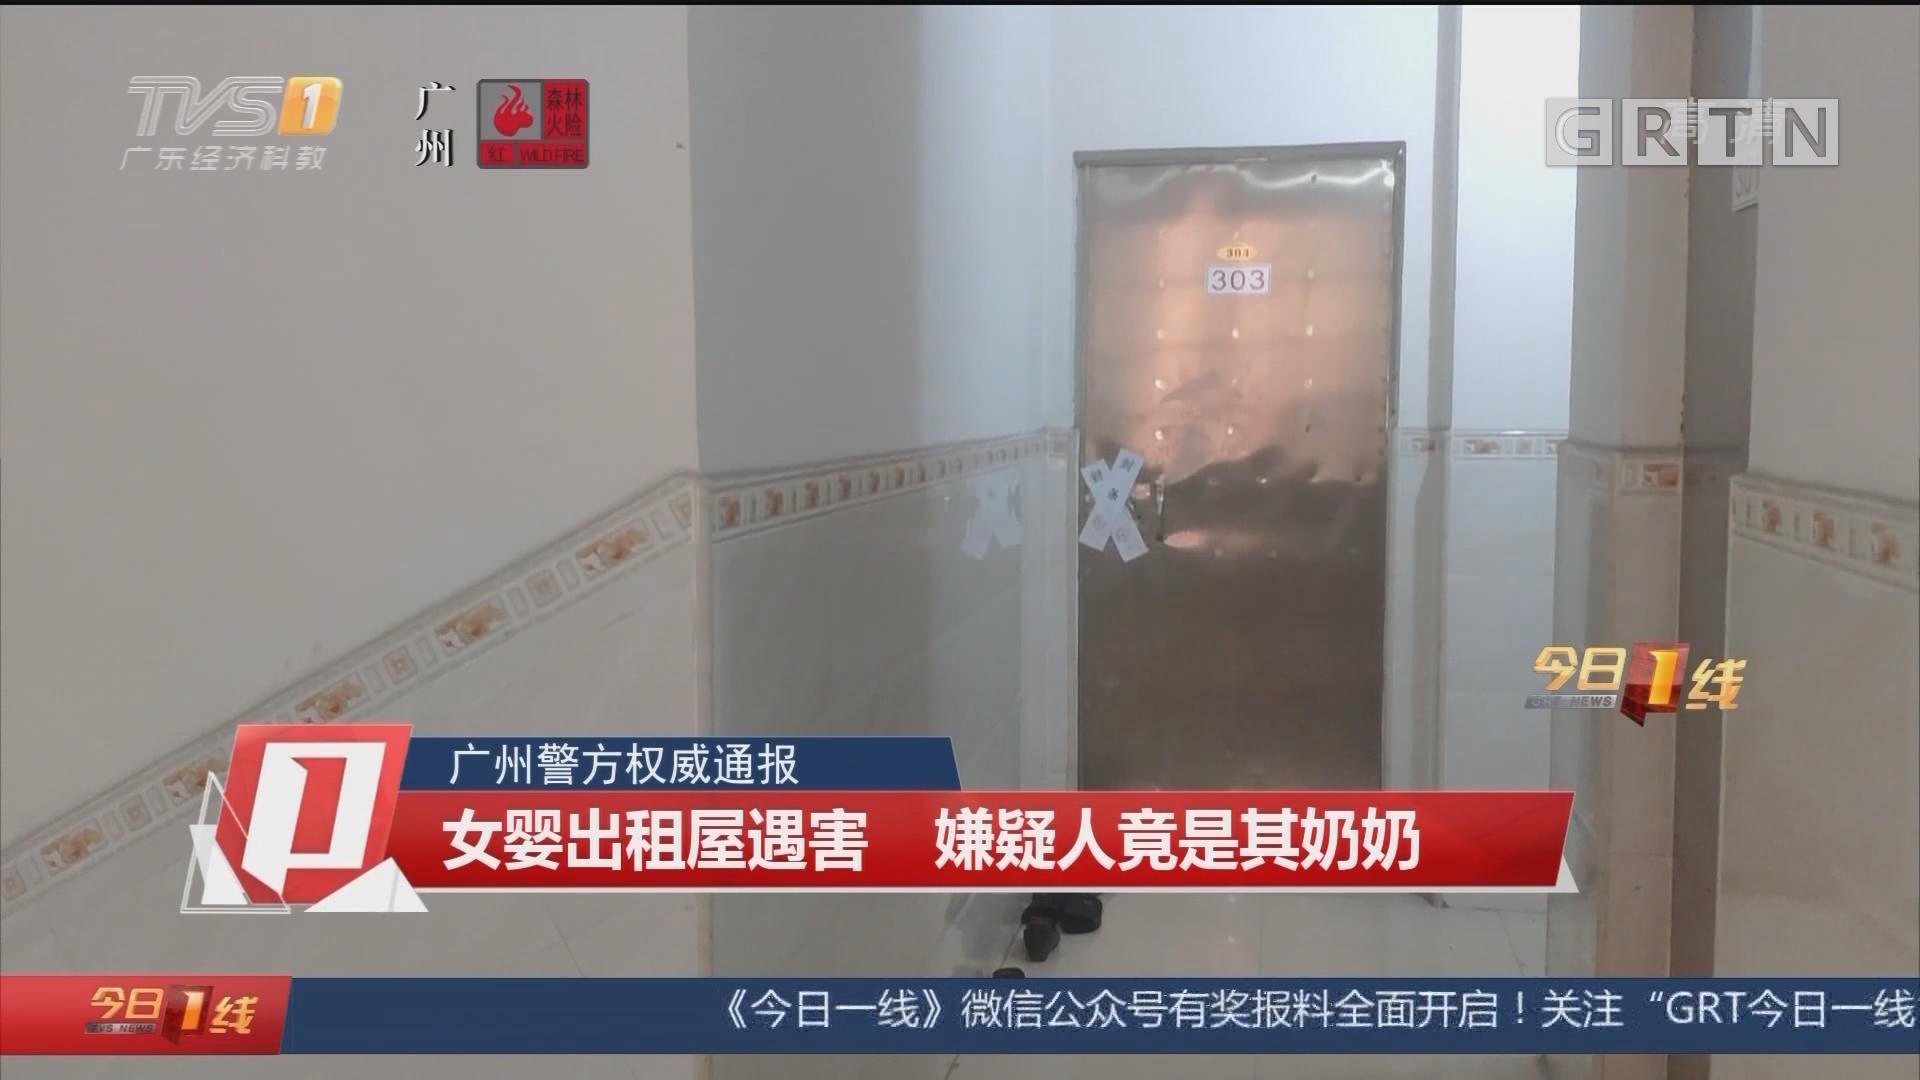 广州警方权威通报 女婴出租屋遇害 嫌疑人竟是其奶奶